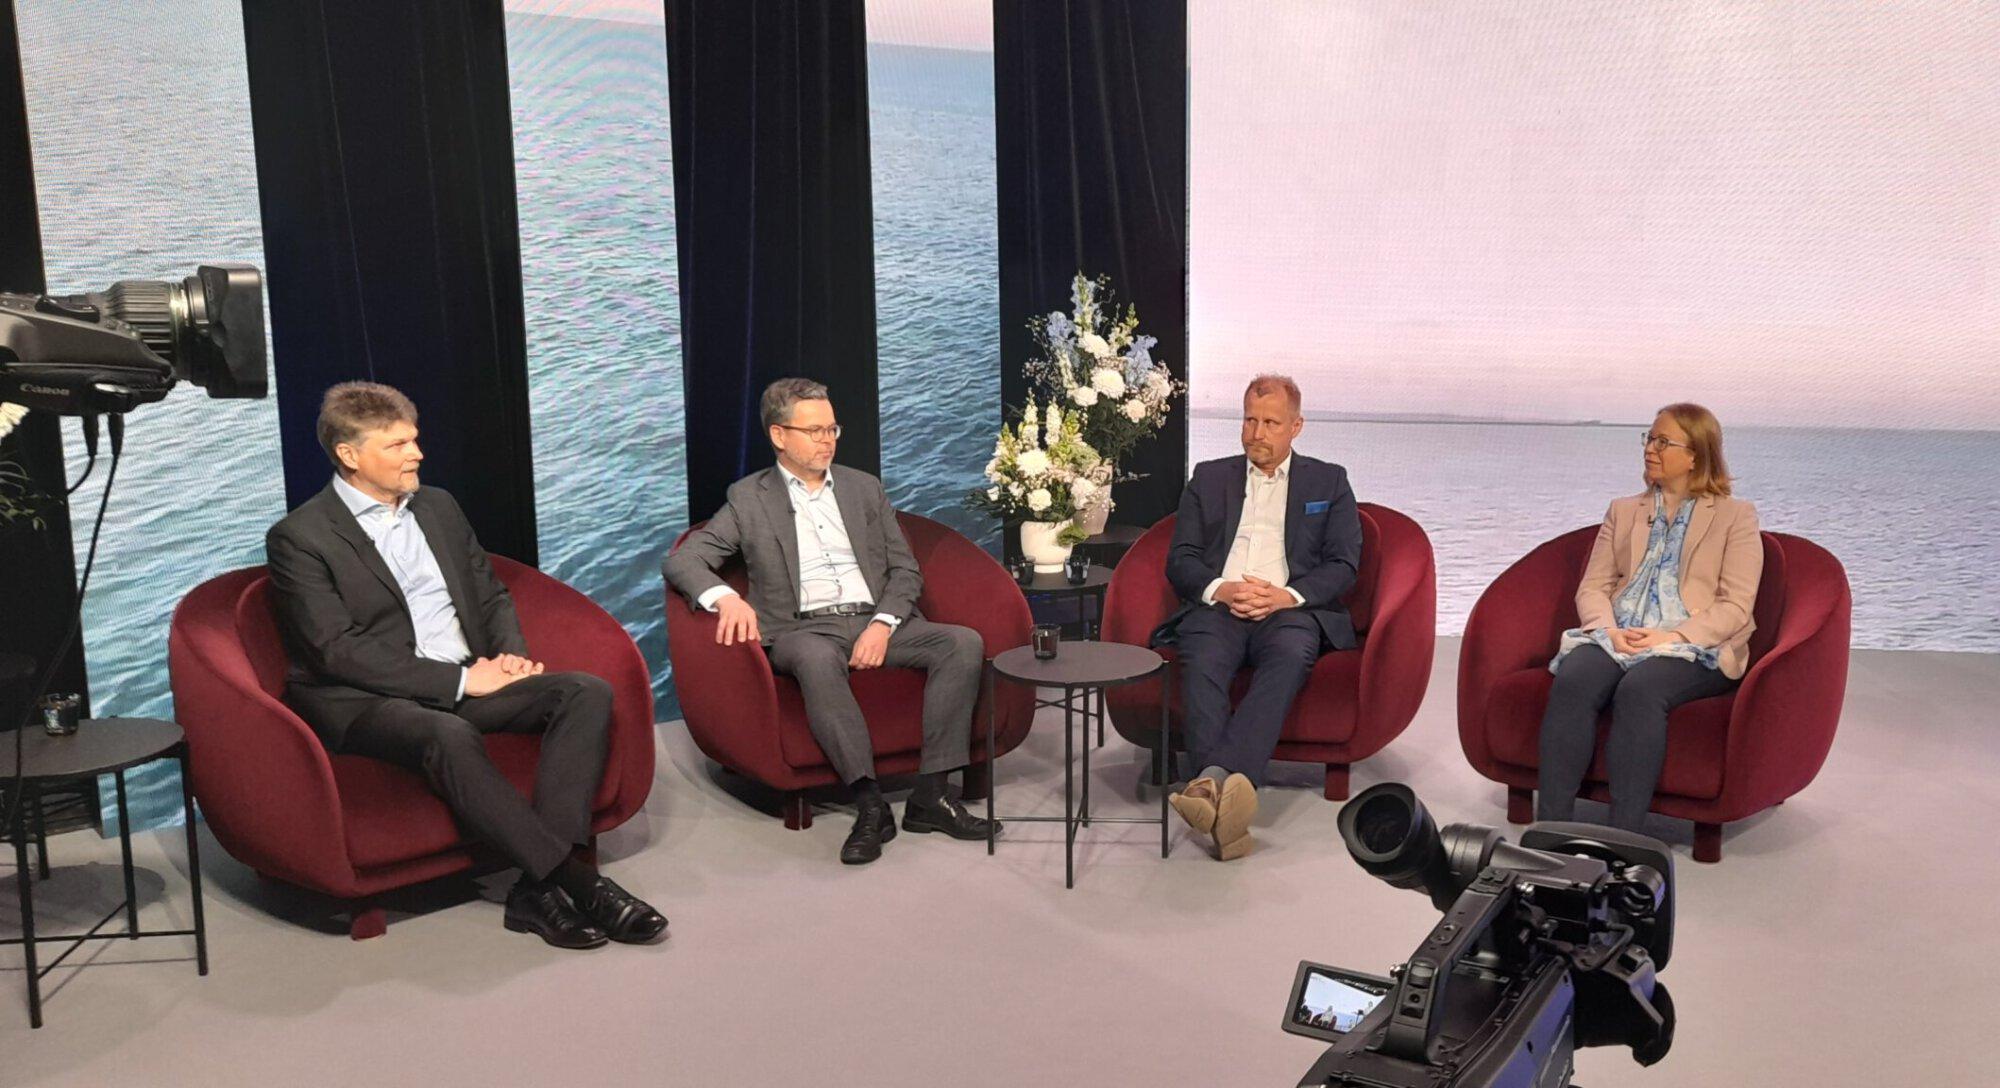 RMC:n järjestämän seminaarin paneeliosuudessa keskusteltiin merenkulun tulevaisuuden käyttövoimista. Keskustelemassa RMC:n myyntijohtaja Mika Laurilehto, ESL Shippingin toimitusjohtaja Matti-Mikael Koskinen, Wärtsilän projektipäällikkö Kenneth Widell ja Traficomin erityisasiantuntija Satu Hänninen.